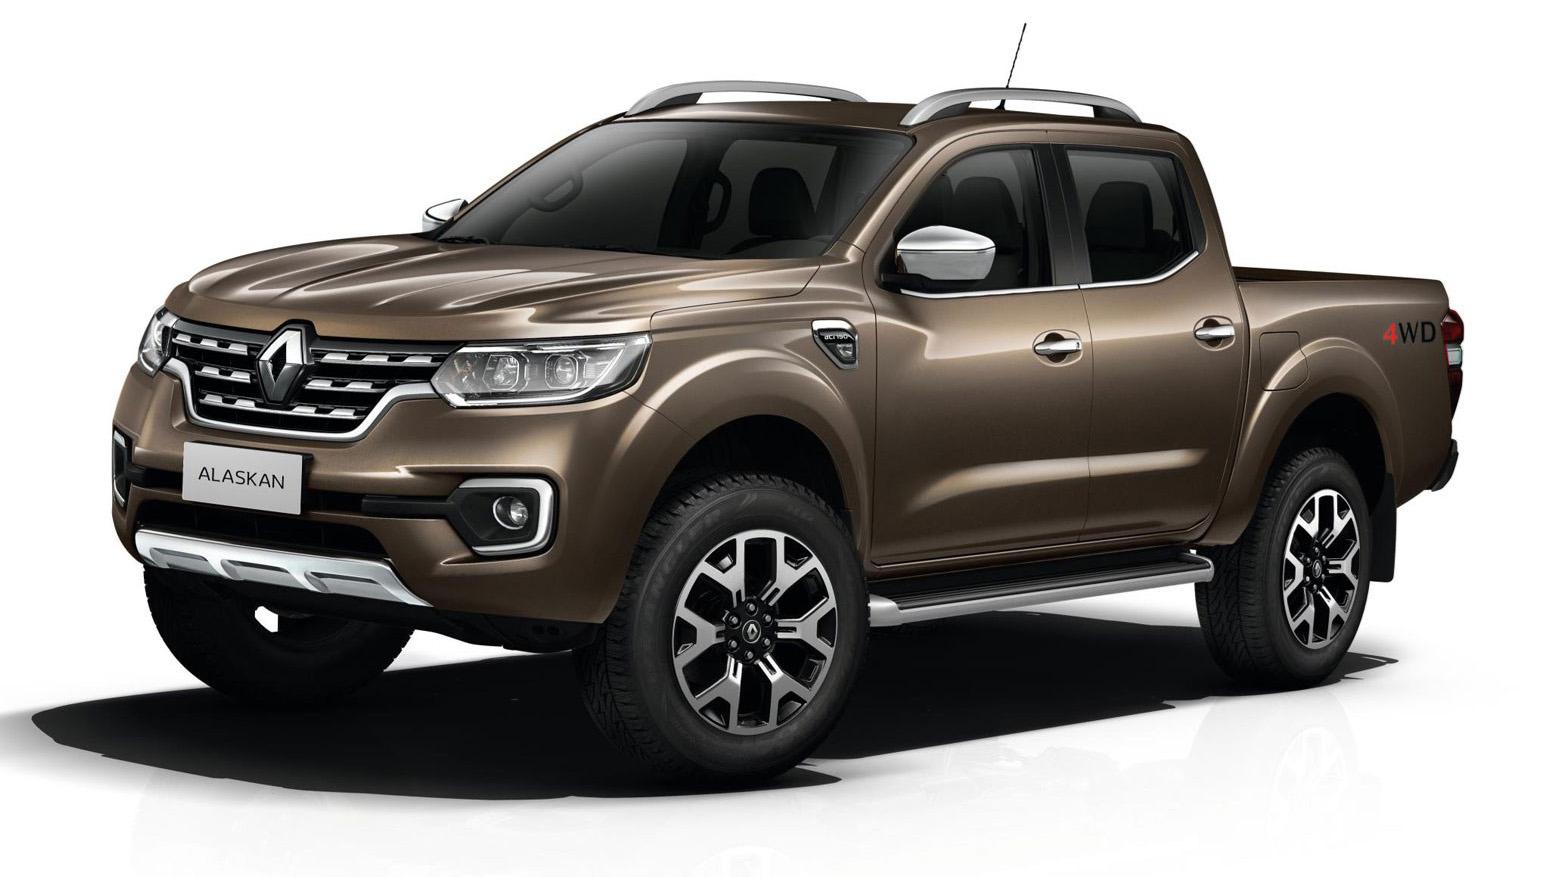 Renault Alaskan image